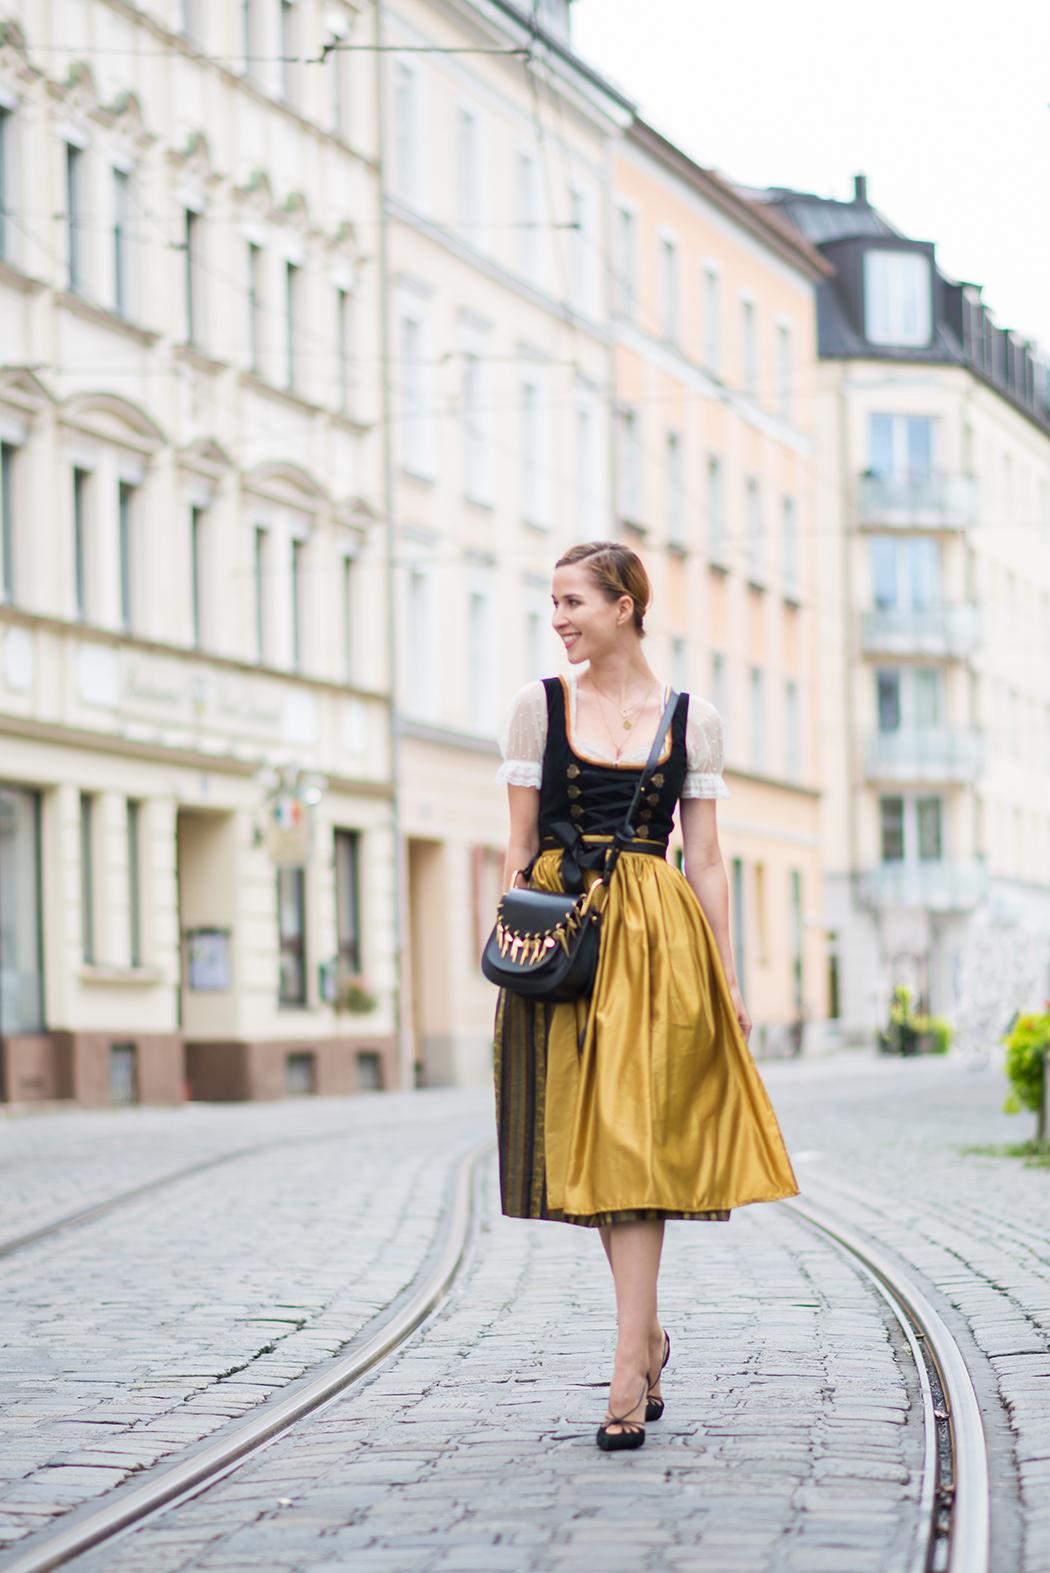 Fashionblog-Fashionblogger-Fashion-Blog-Blogger-Lifestyle-Wiesn-Tracht-Dirndl-Linda-Lindarella-München-Deutschland-5-web